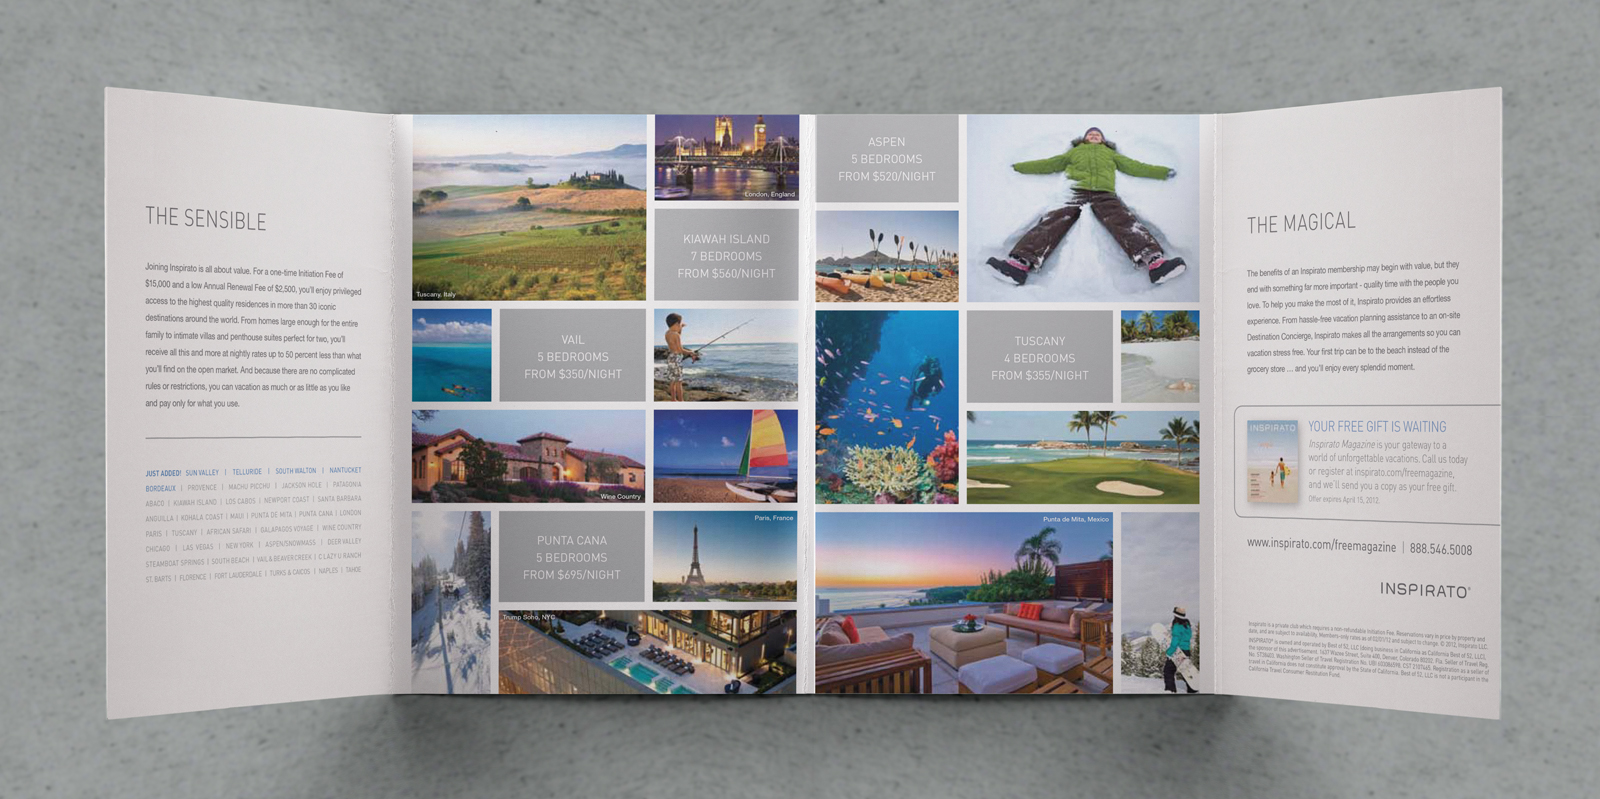 Lead-Gen-Inspirato-Double-Gate-Fold-Brochure-fully-open.jpg